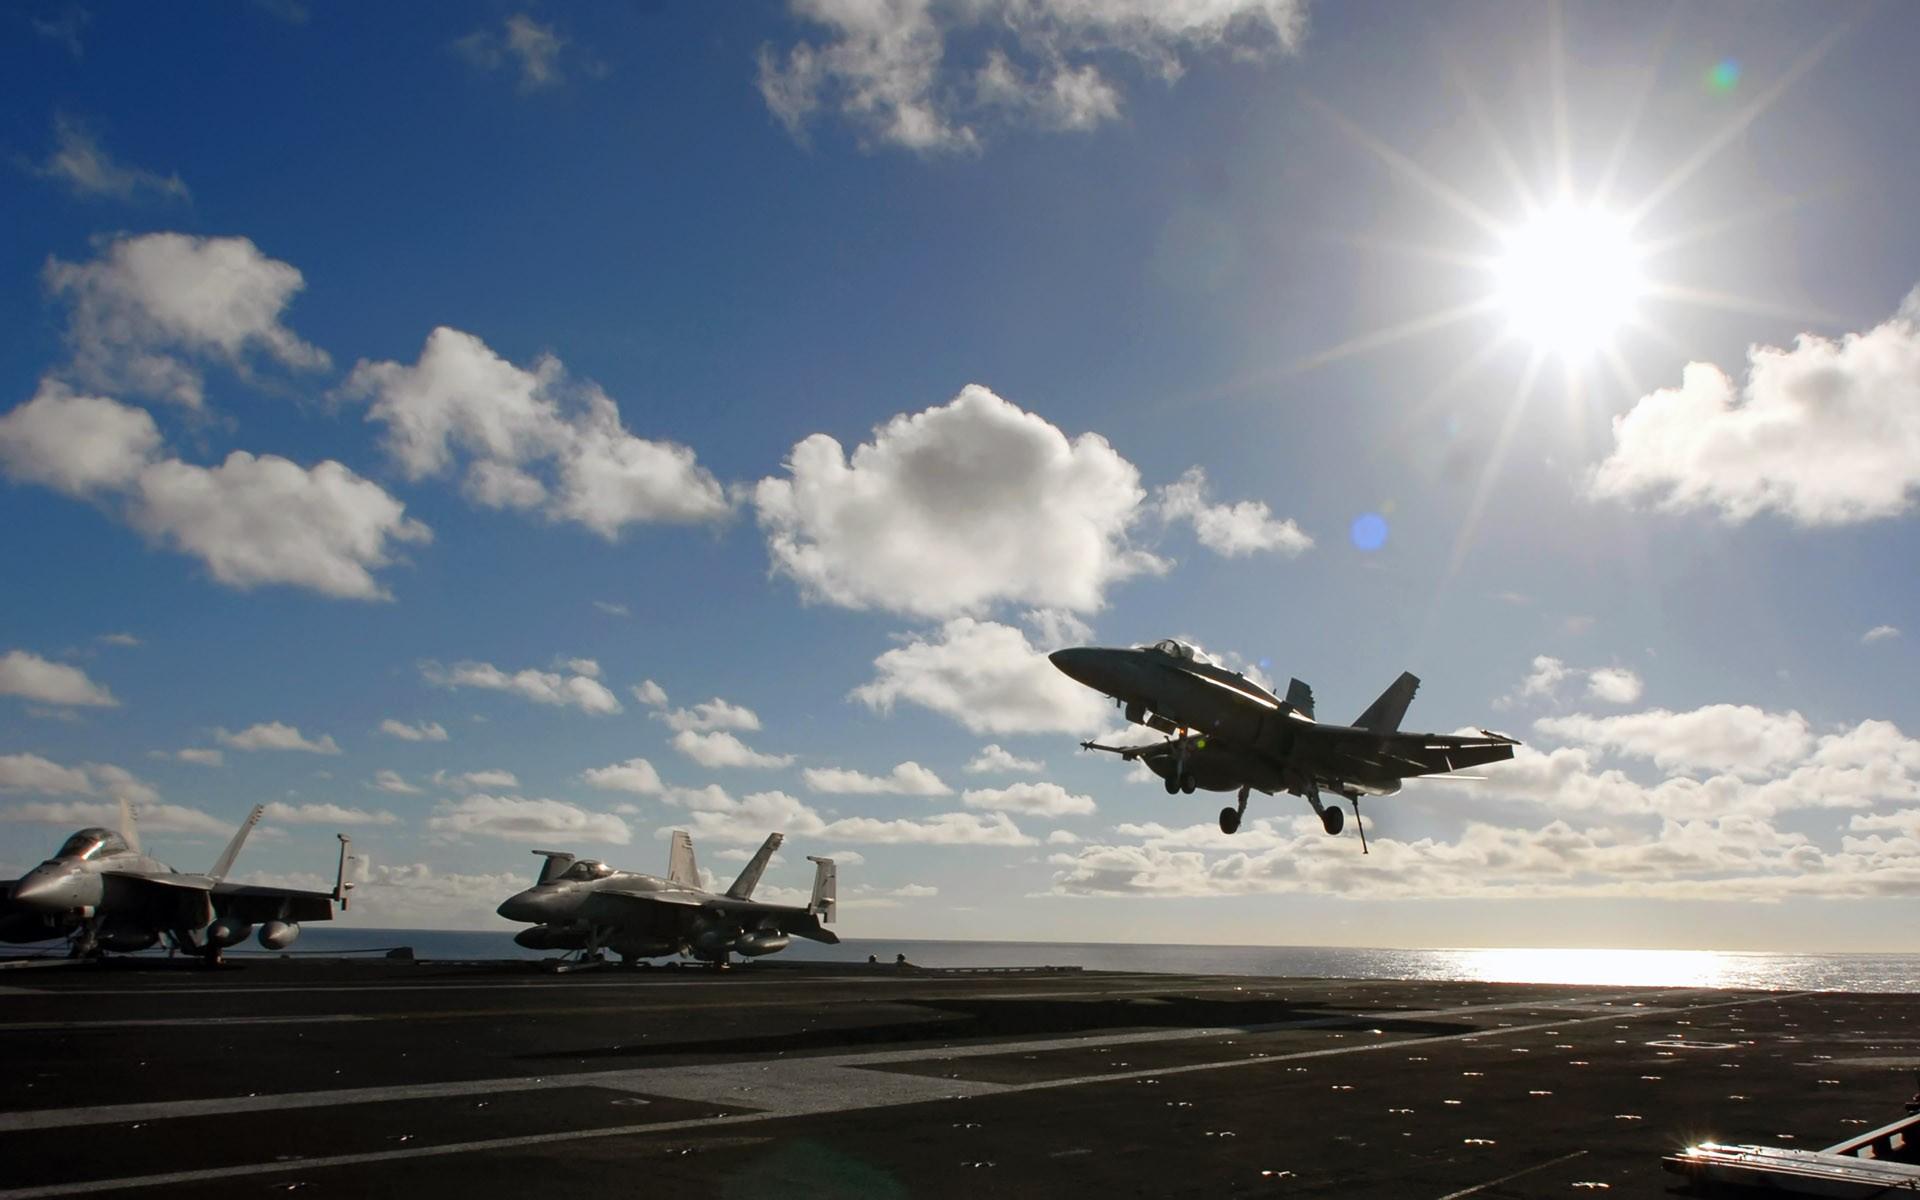 самолеты фотографии красивые военные грядка